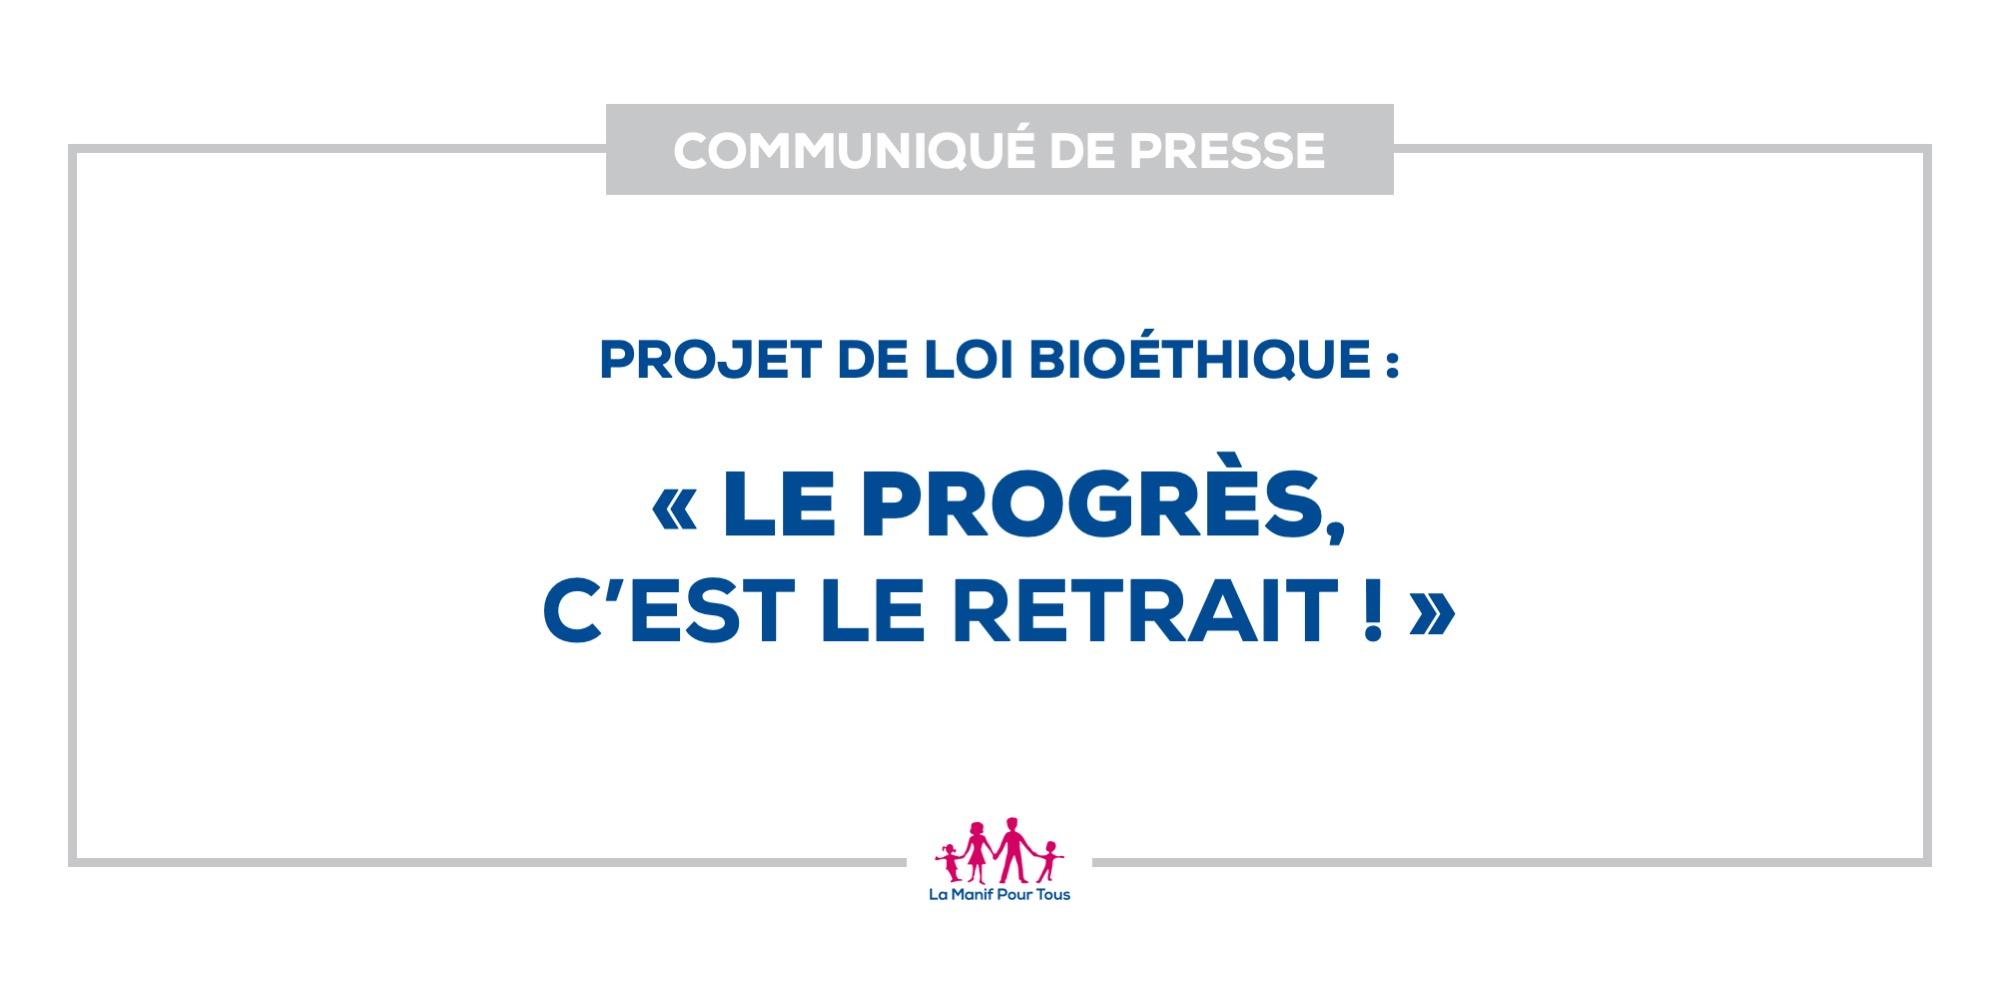 Image - Communiqué de presse – Projet de loi bioéthique : « le progrès, c'est le retrait ! »